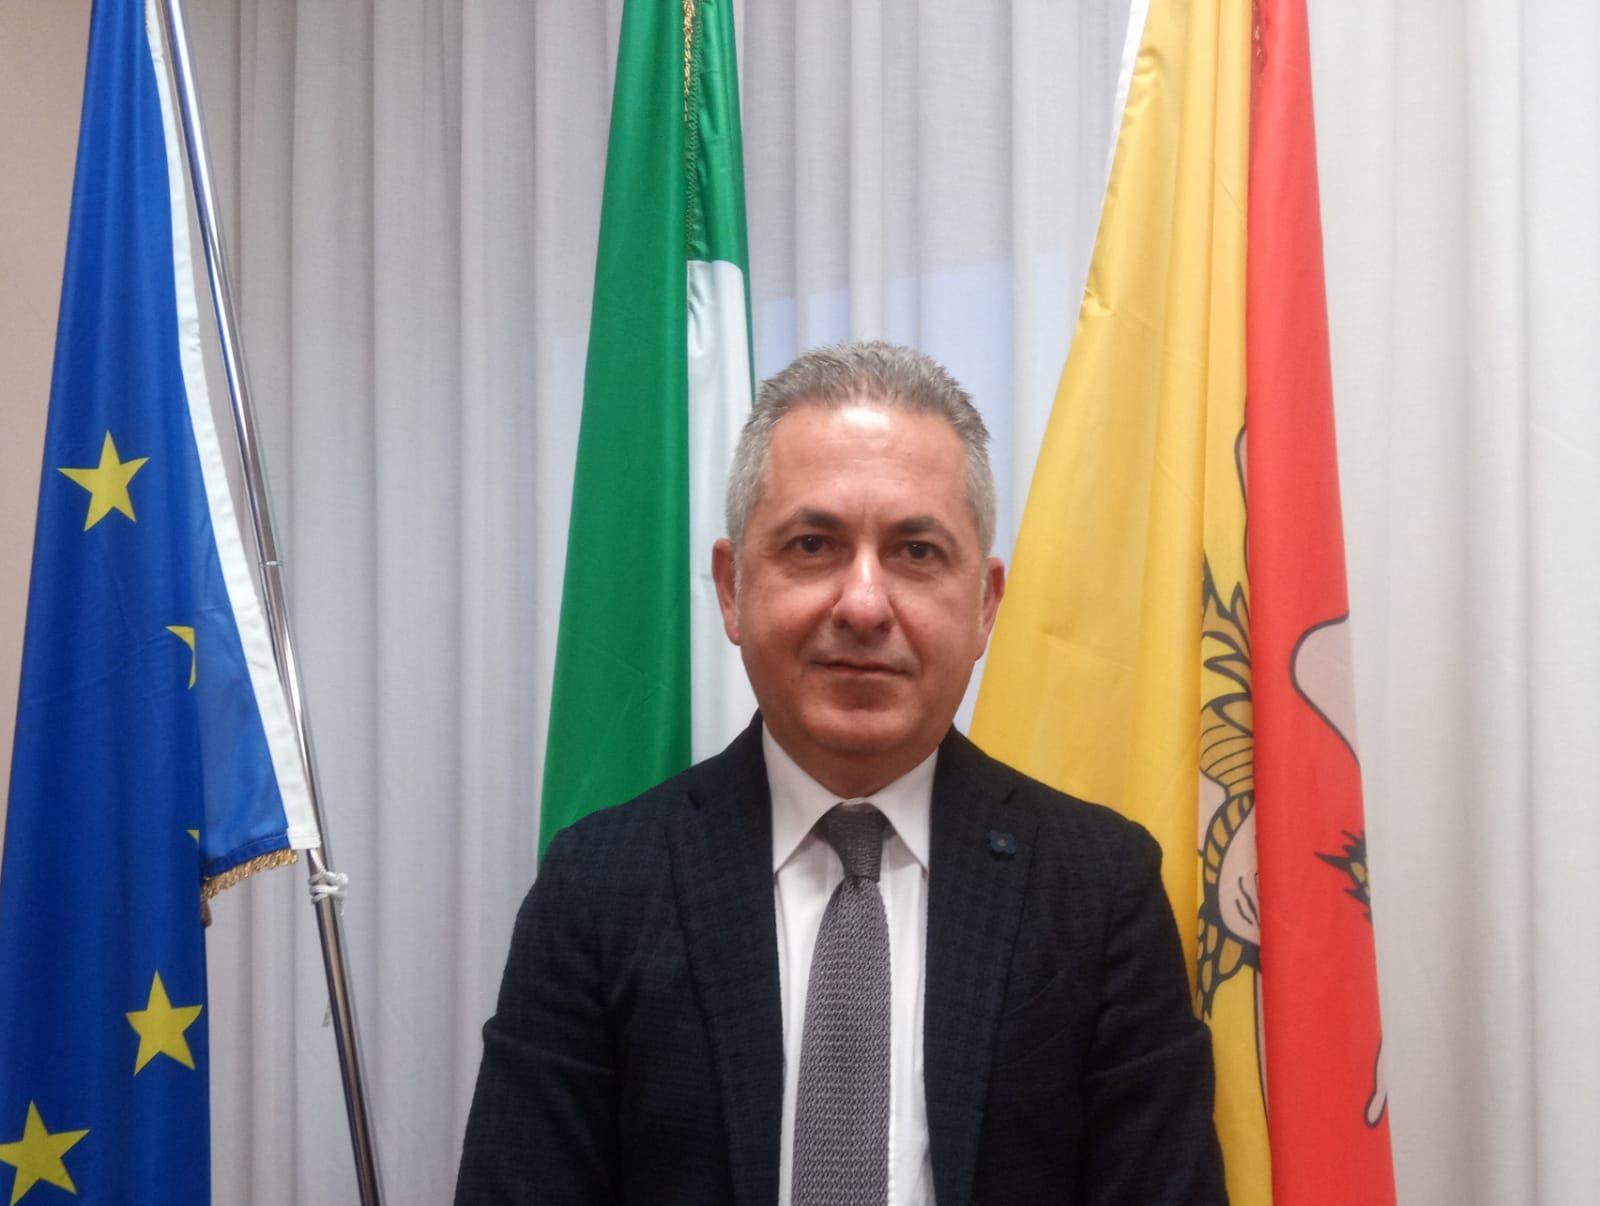 Concorsi, liste d'attesa e servizi al cittadino: parla il direttore dell'Asp di Trapani Fabio Damiani